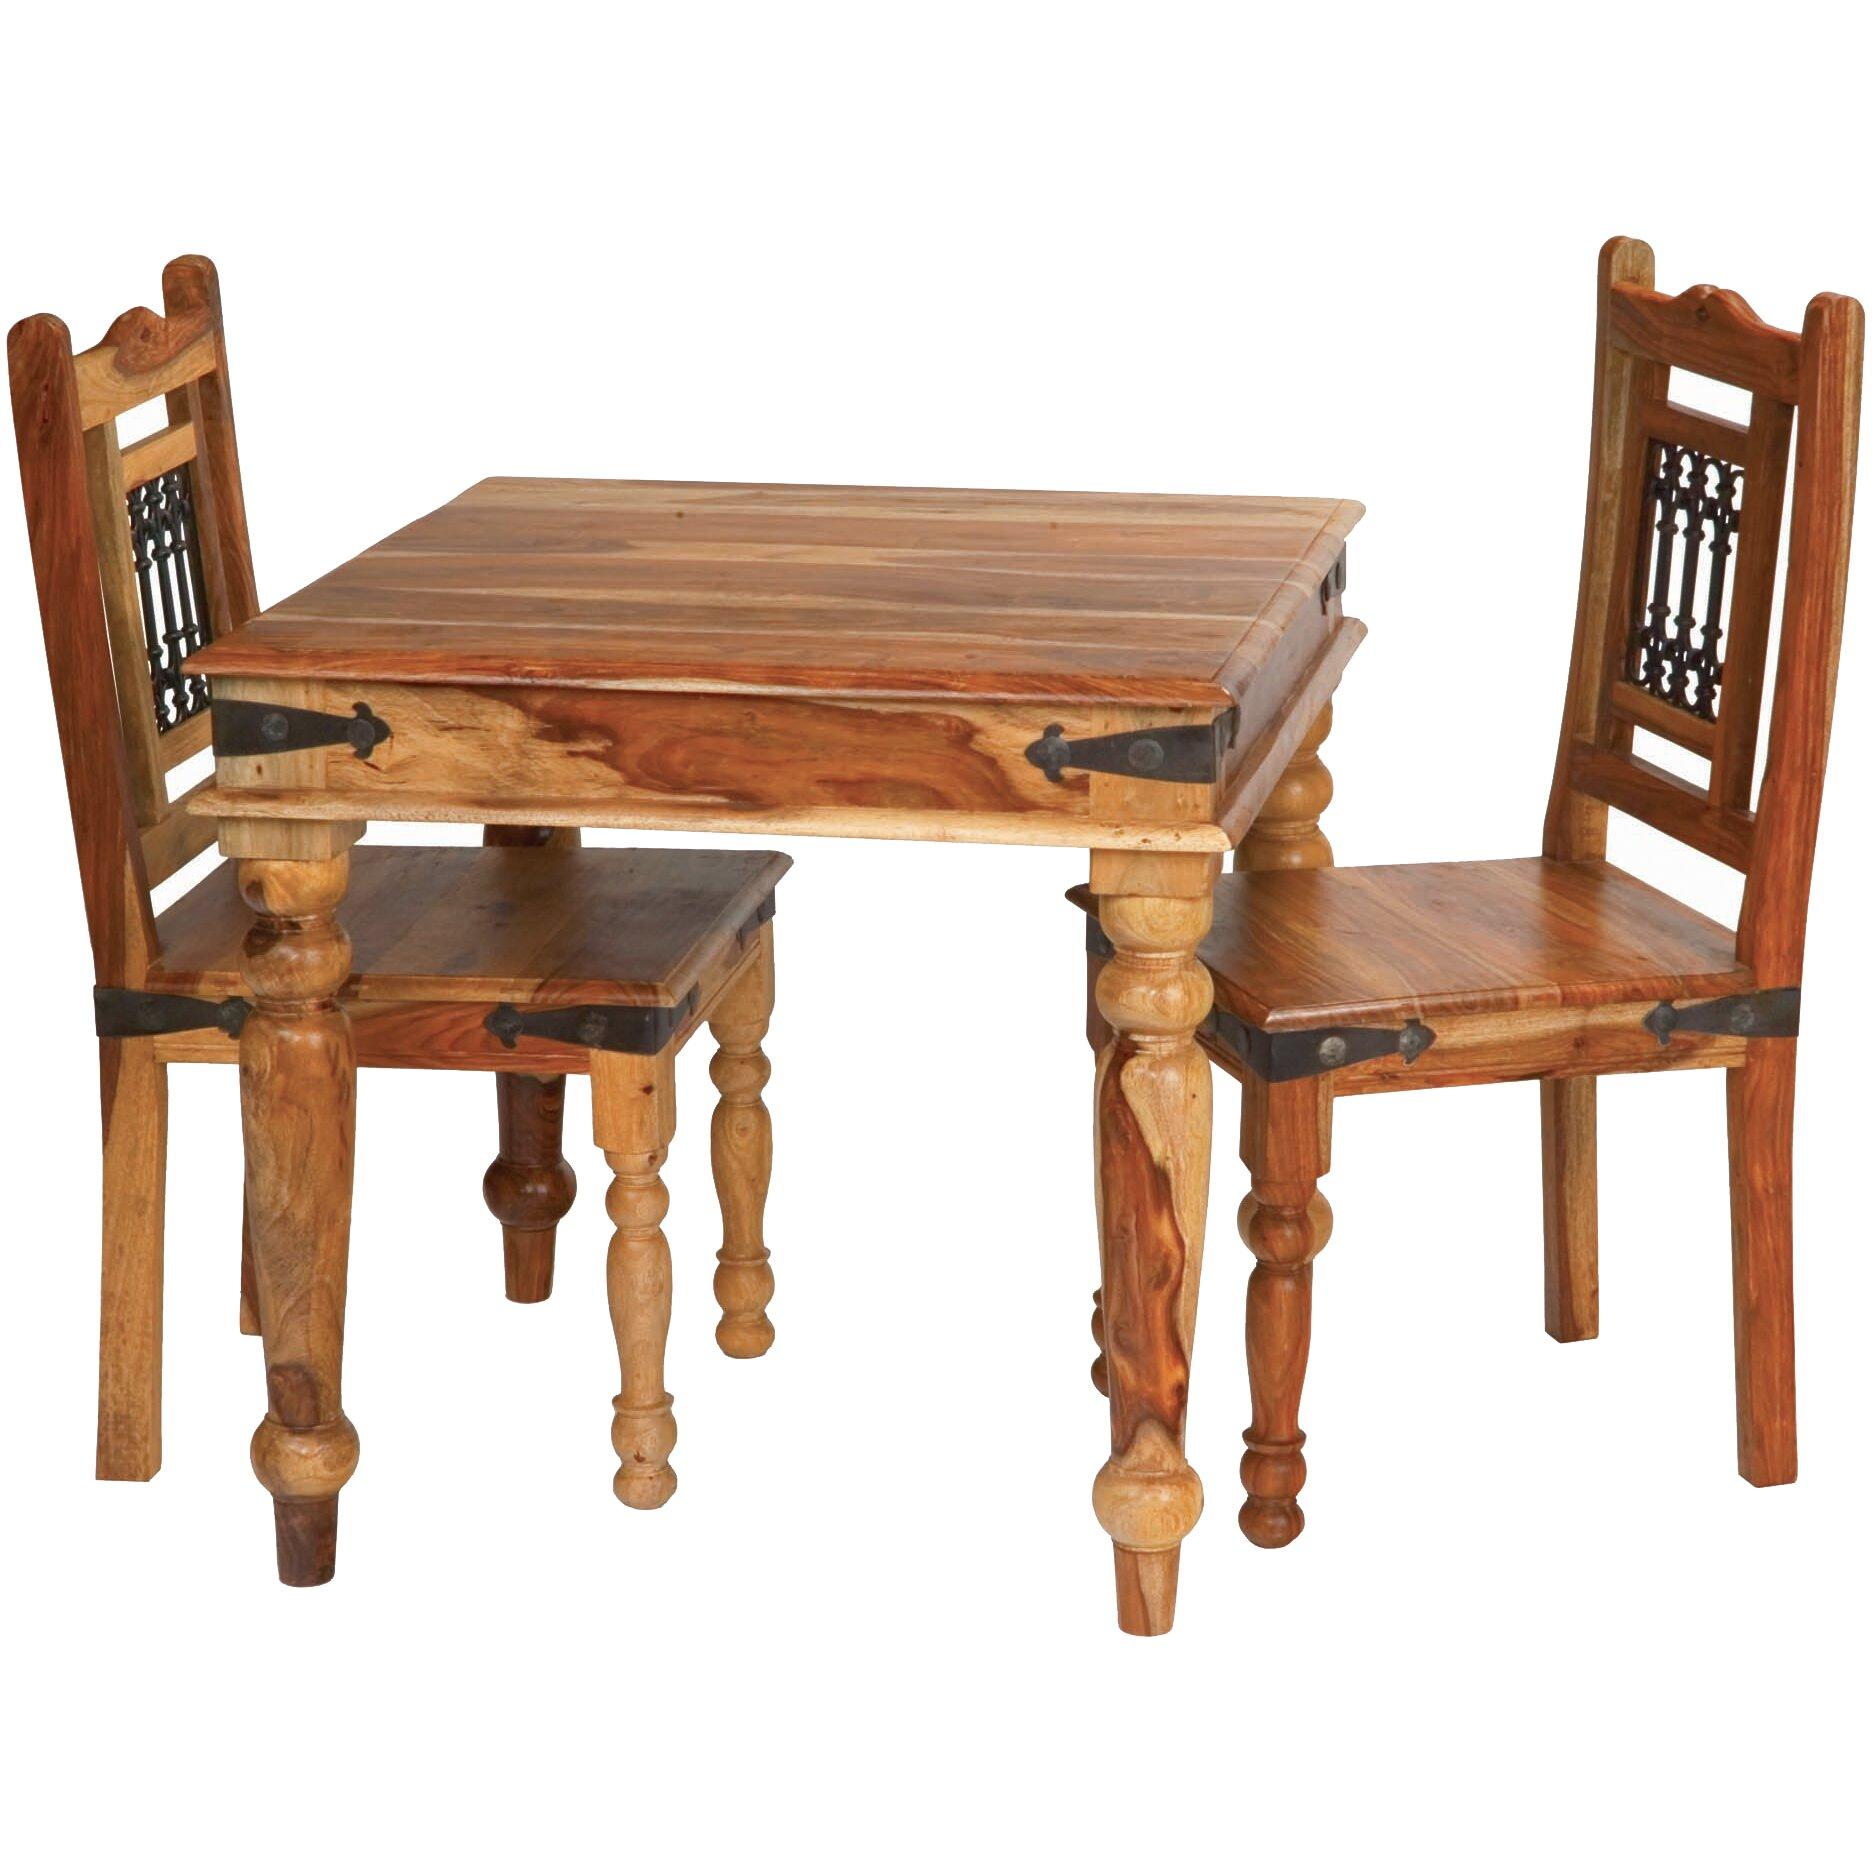 japanese dining table chennai 28 images folding dining  : Ethnic Elements Chennai Dining Table from wallpapersist.com size 1872 x 1872 jpeg 368kB